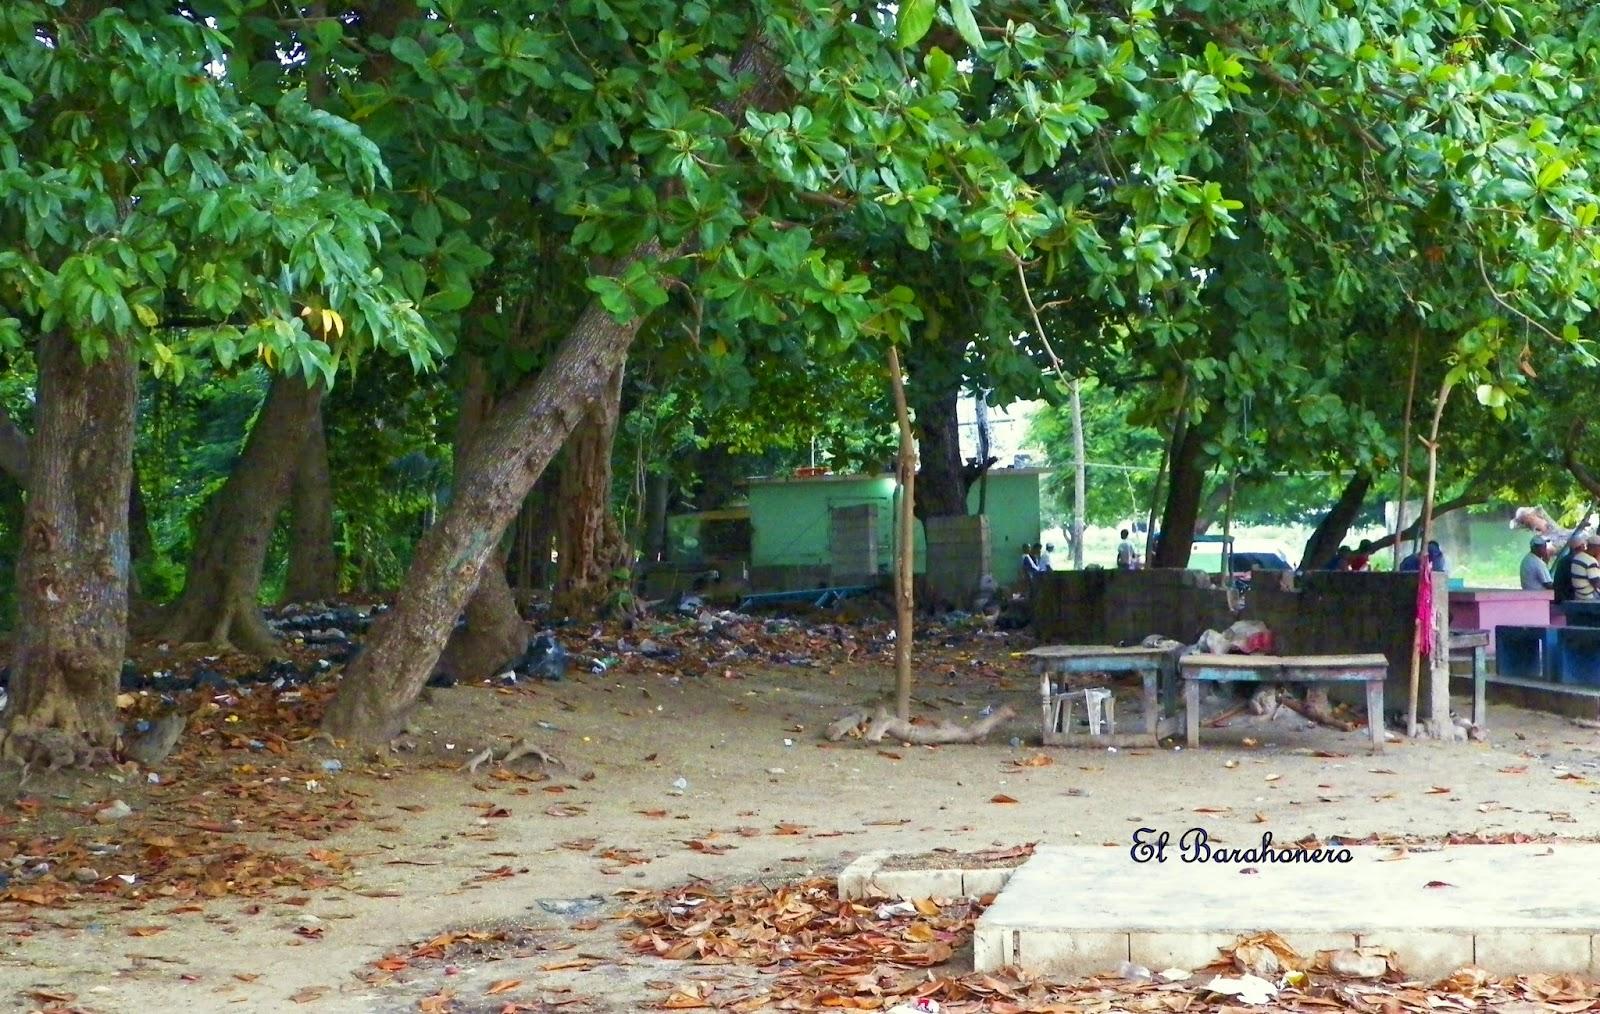 En comedores de la playa palito seco de barahona no hay for Comedores chiquitos